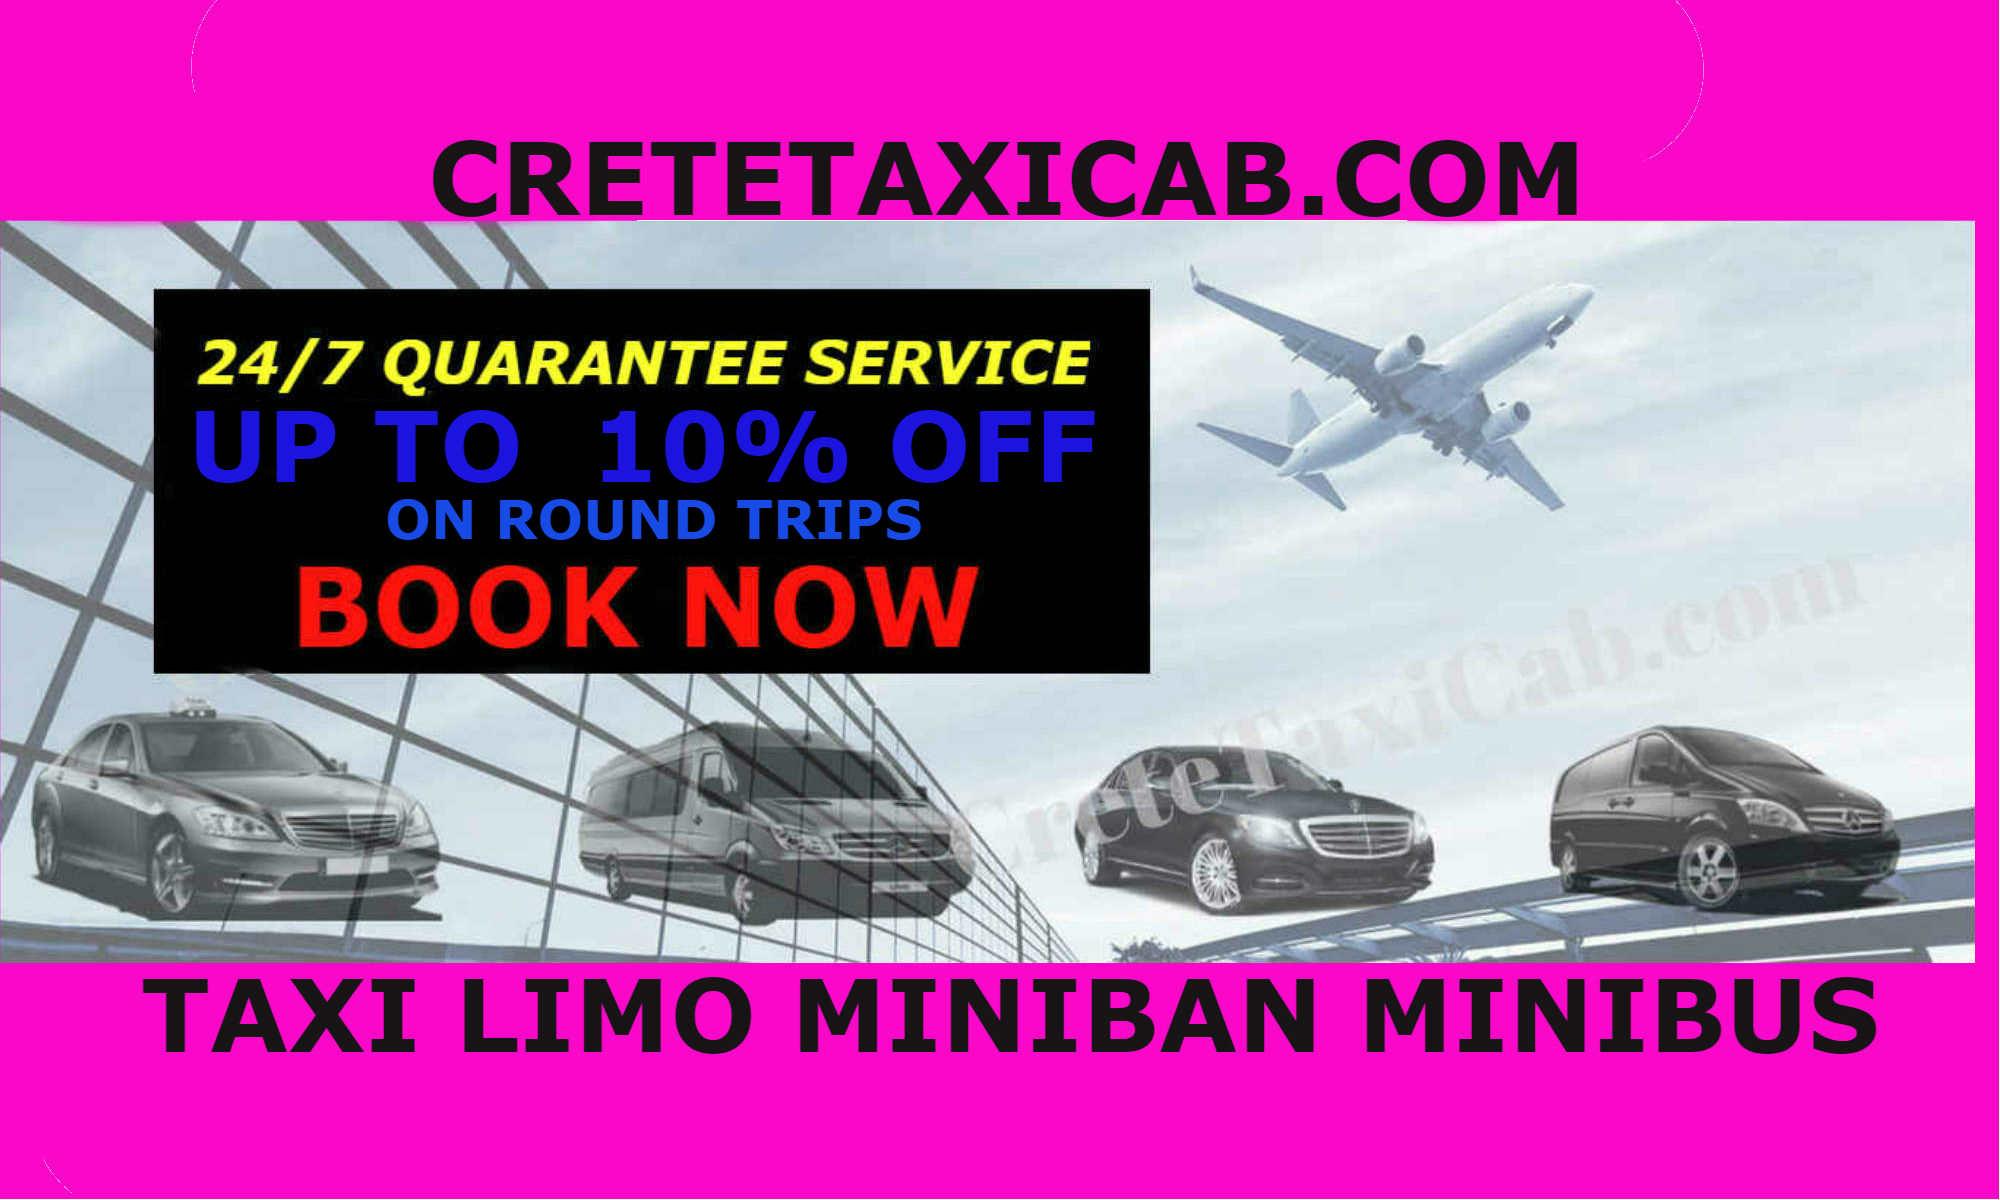 Taxi Crete